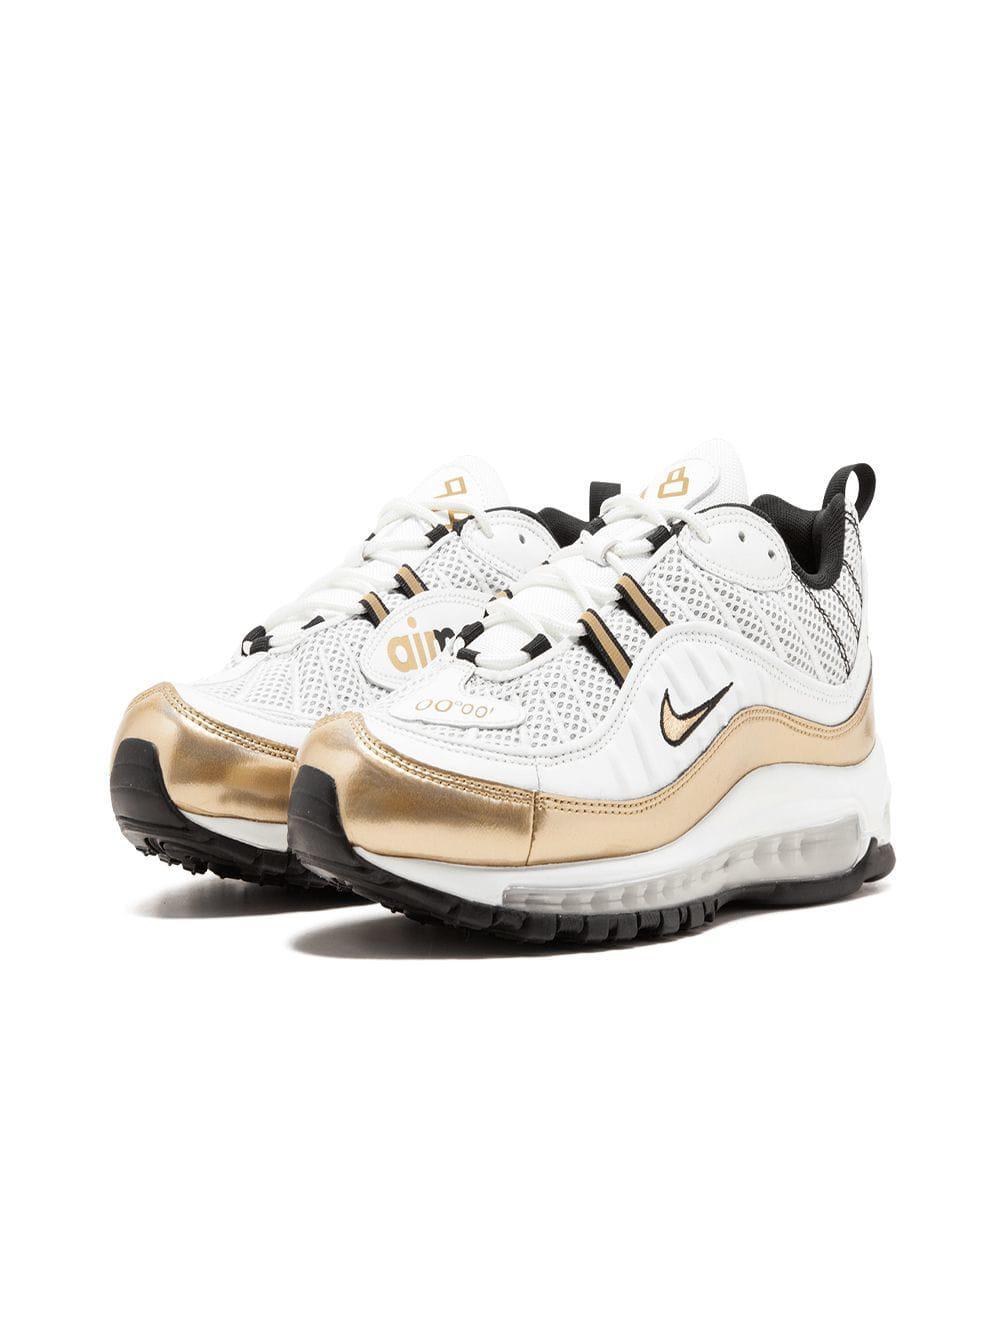 bfd8c8821124 Nike - White Air Max 98 Uk Sneakers for Men - Lyst. View fullscreen